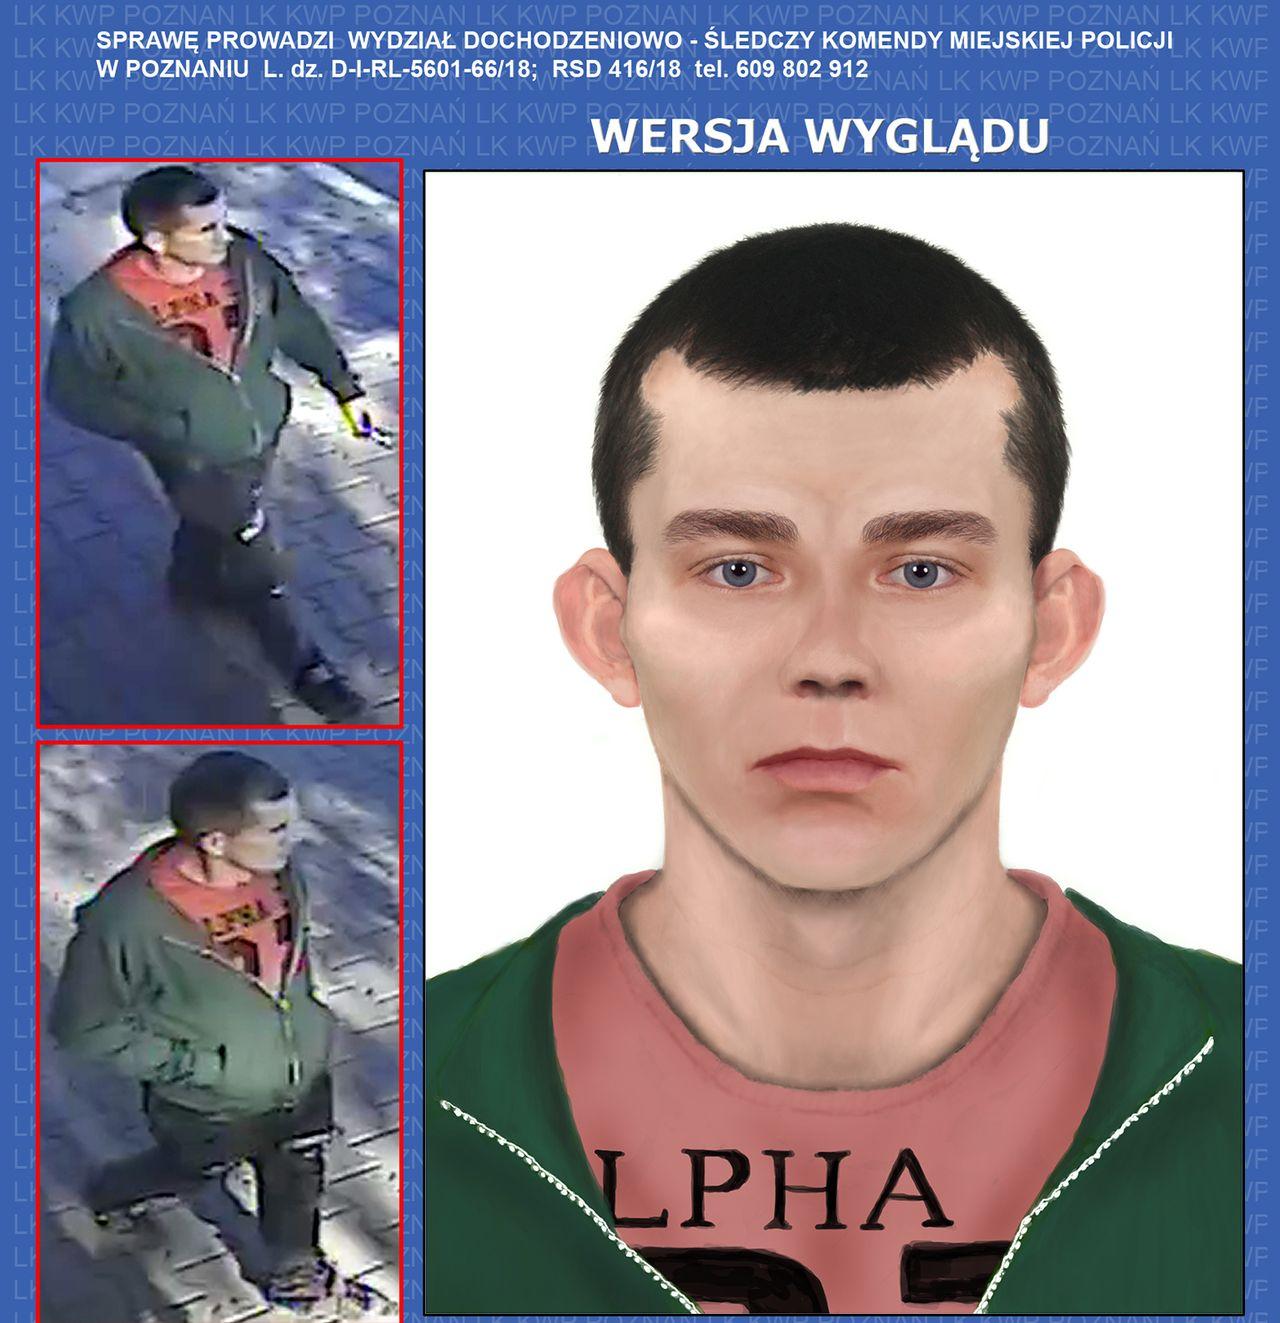 Policjanci nadal ustalają okoliczności zabójstwa kobiety nad rzeką Wartą w Poznaniu  - Zdjęcie główne